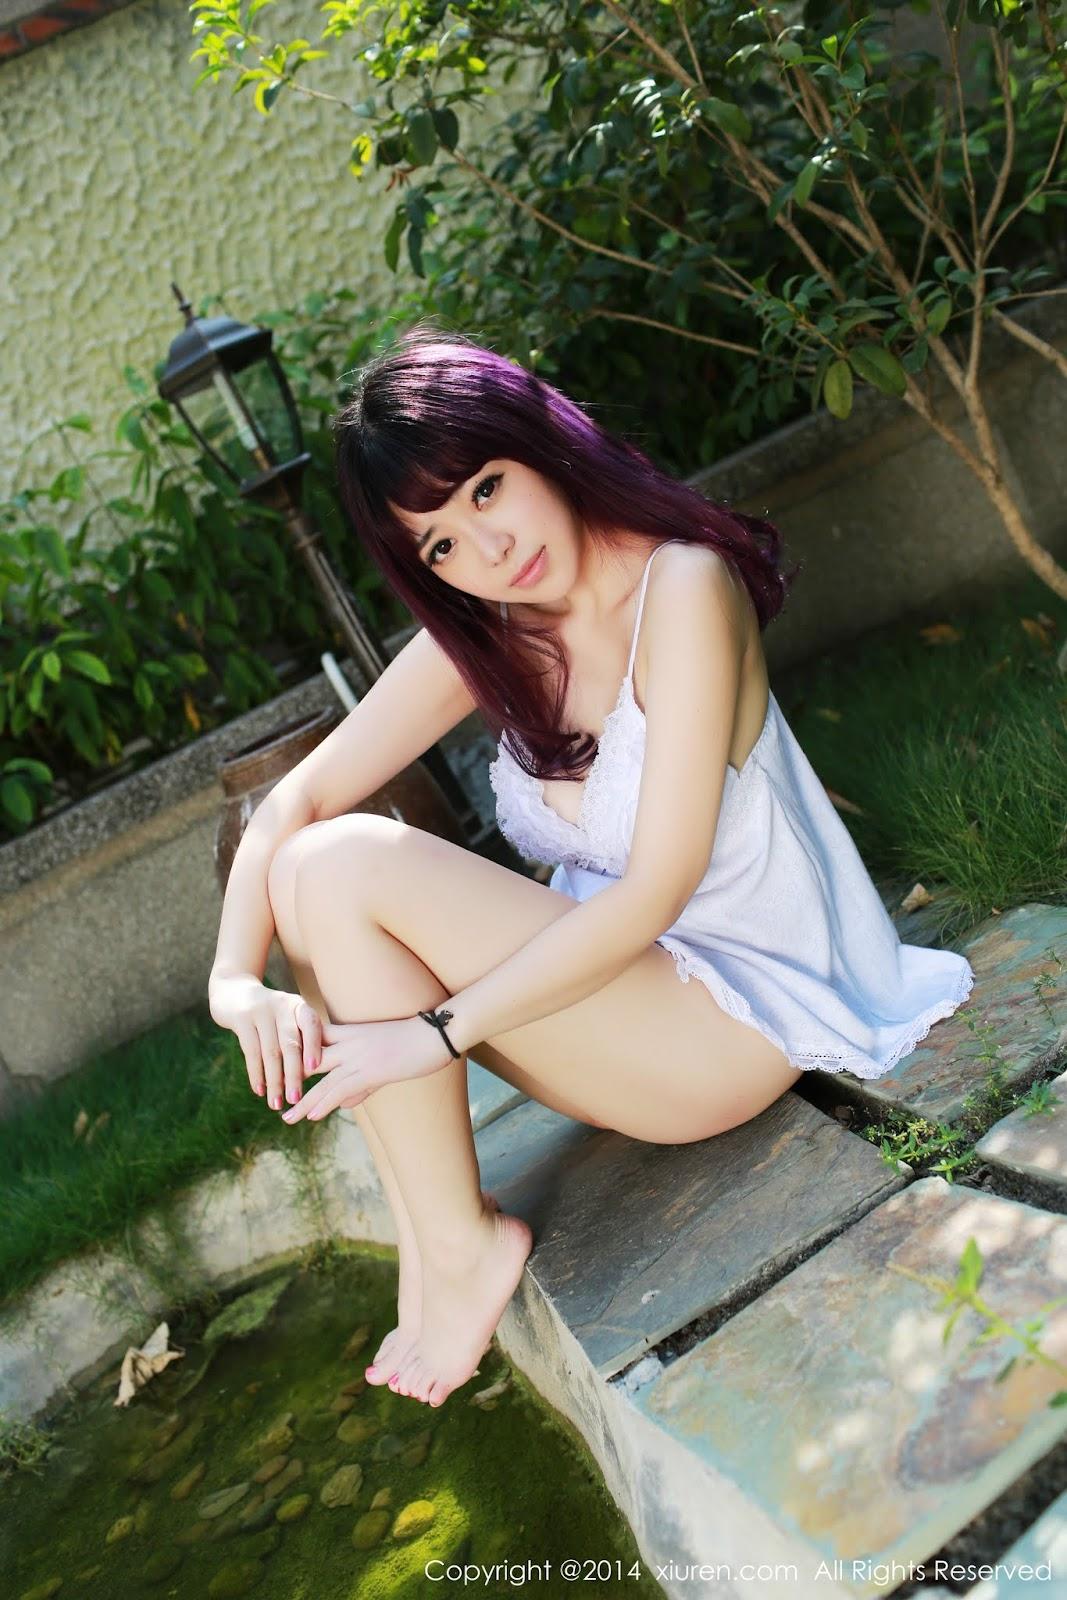 0067 - Hot Girl XIUREN NO.237 FAYE Nude XXX